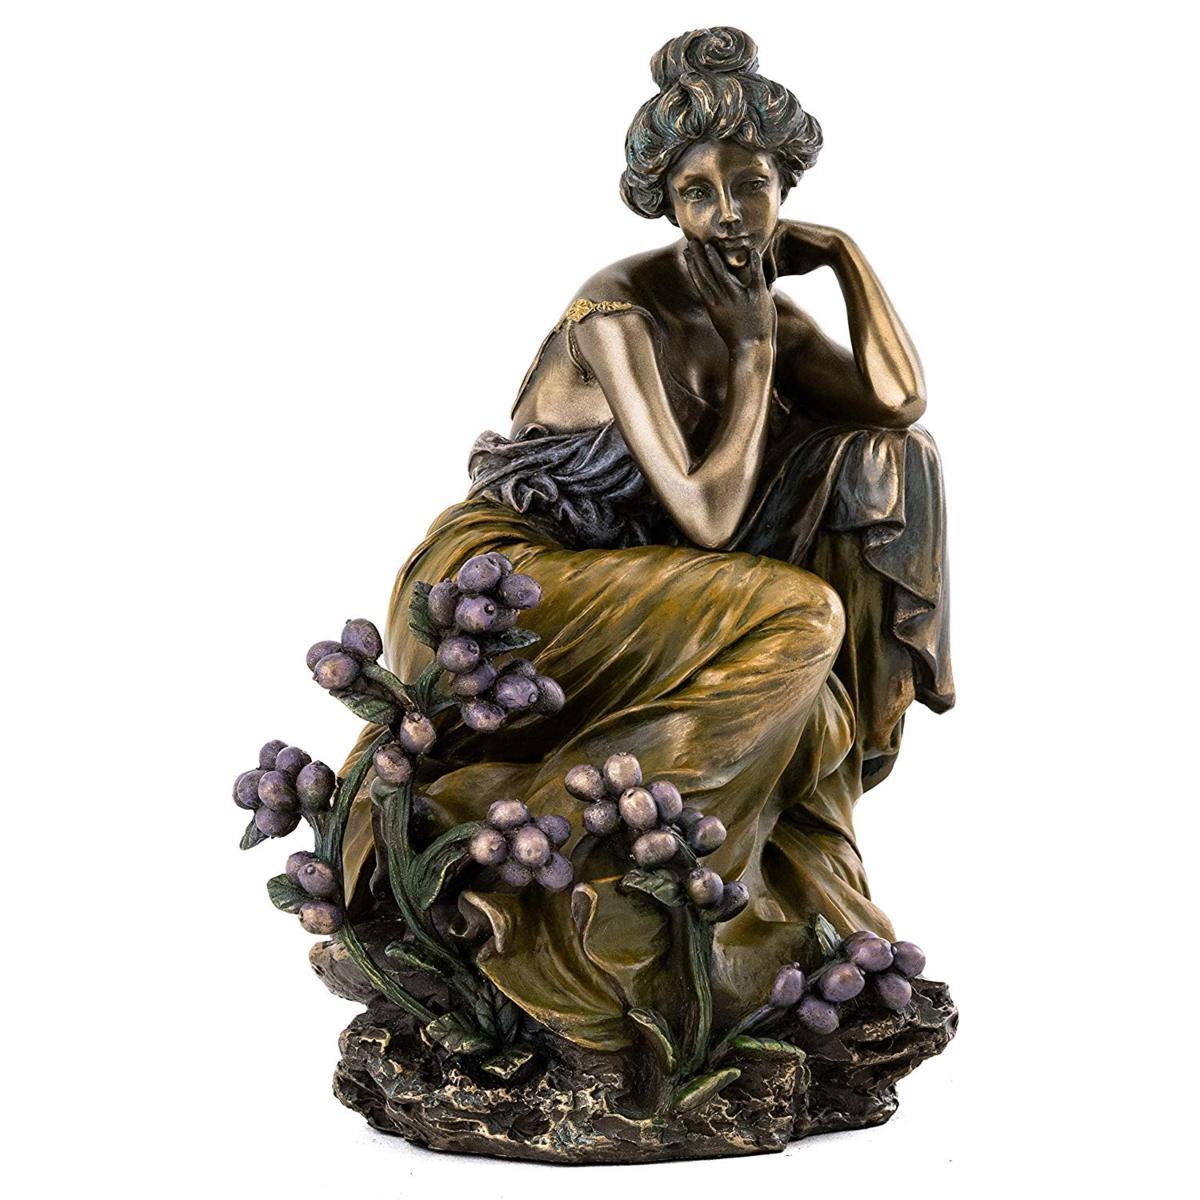 トップコレクション製 フランス アールヌーボー 「考える、美しい女性」彫刻 彫像 アルフォンス・ミュシャ作(輸入品)